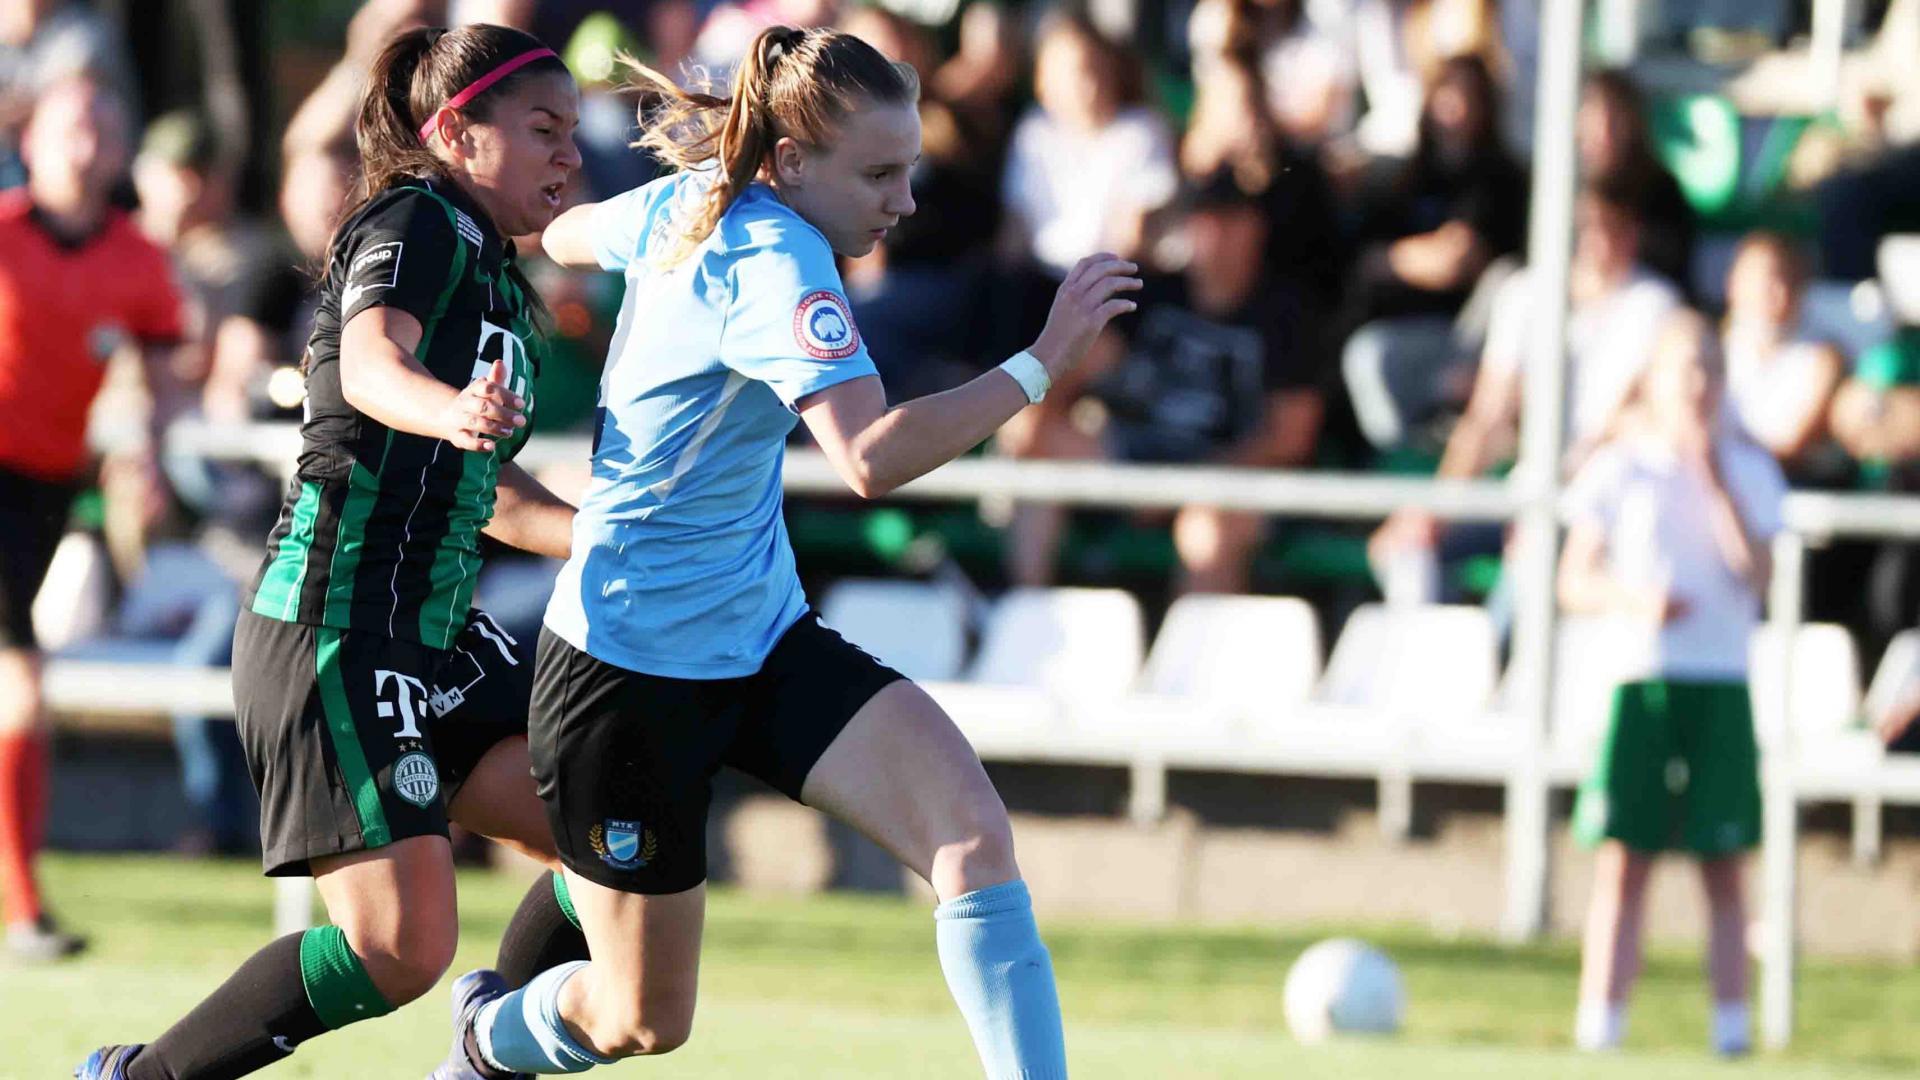 Képgaléria: FTC-Telekom - MTK Hungária FC 3-2